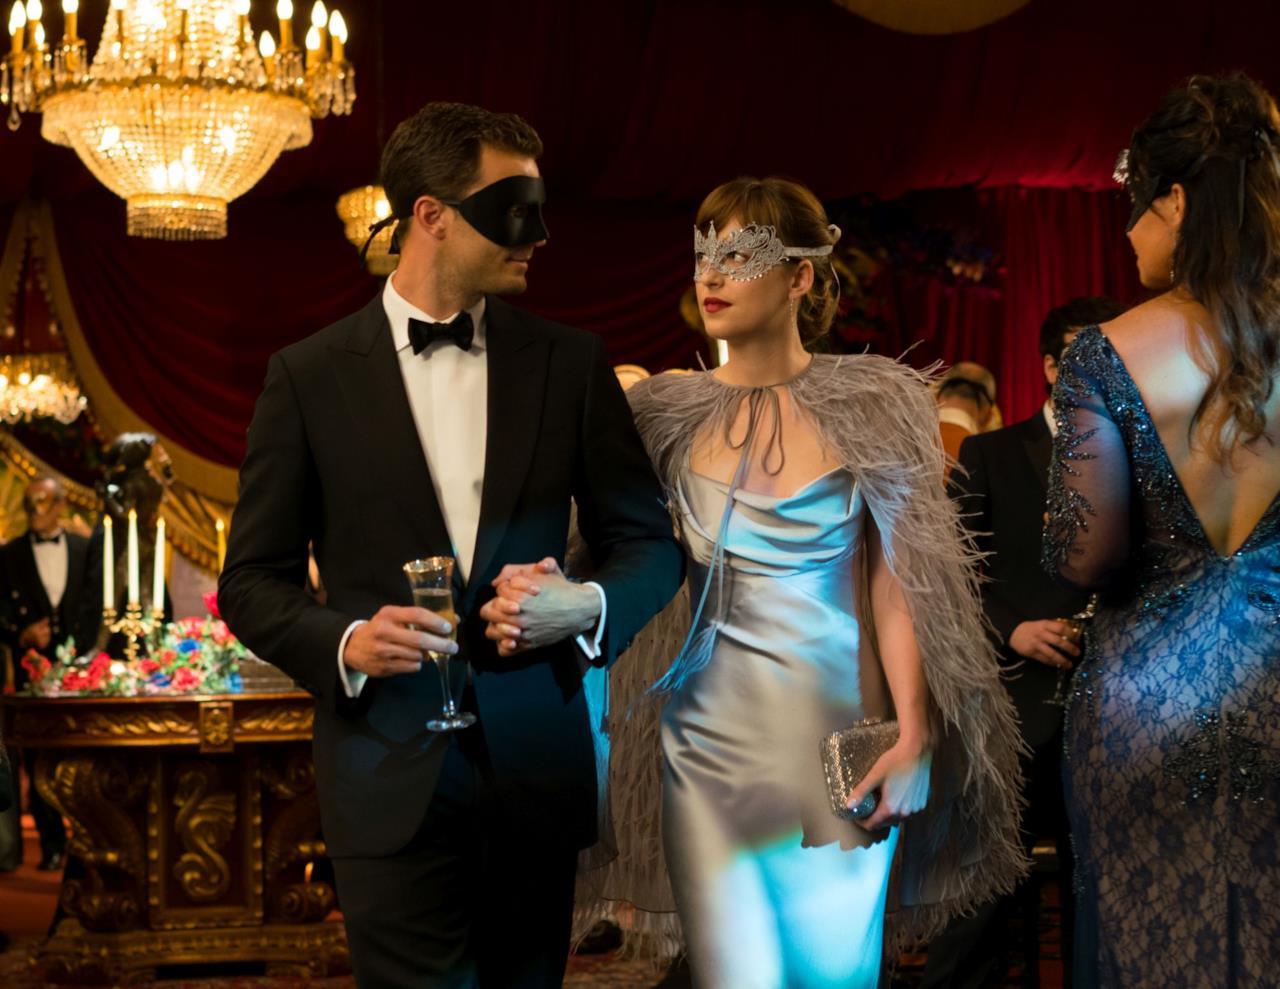 Una scena del ballo in maschera in Cinquanta Sfumature di Nero